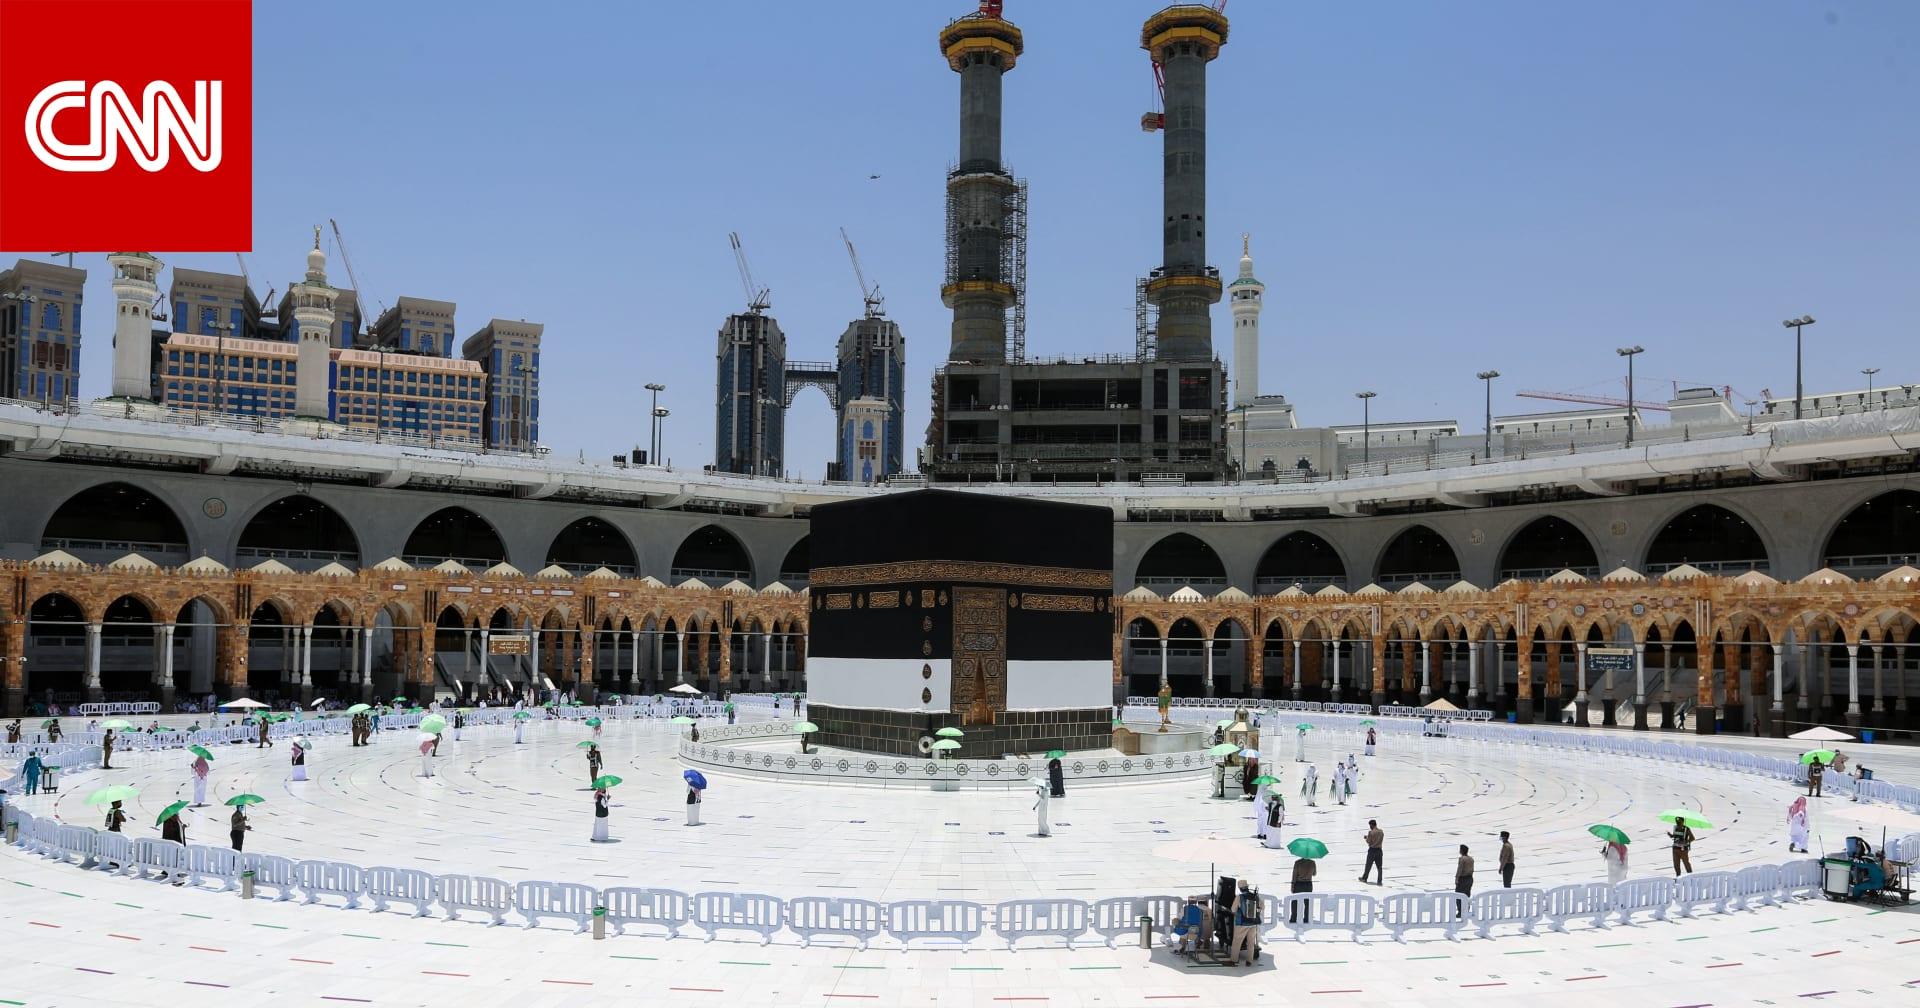 بعد وصول أولى طلائعهم.. الحجاج يؤدون طواف القدوم في مكة